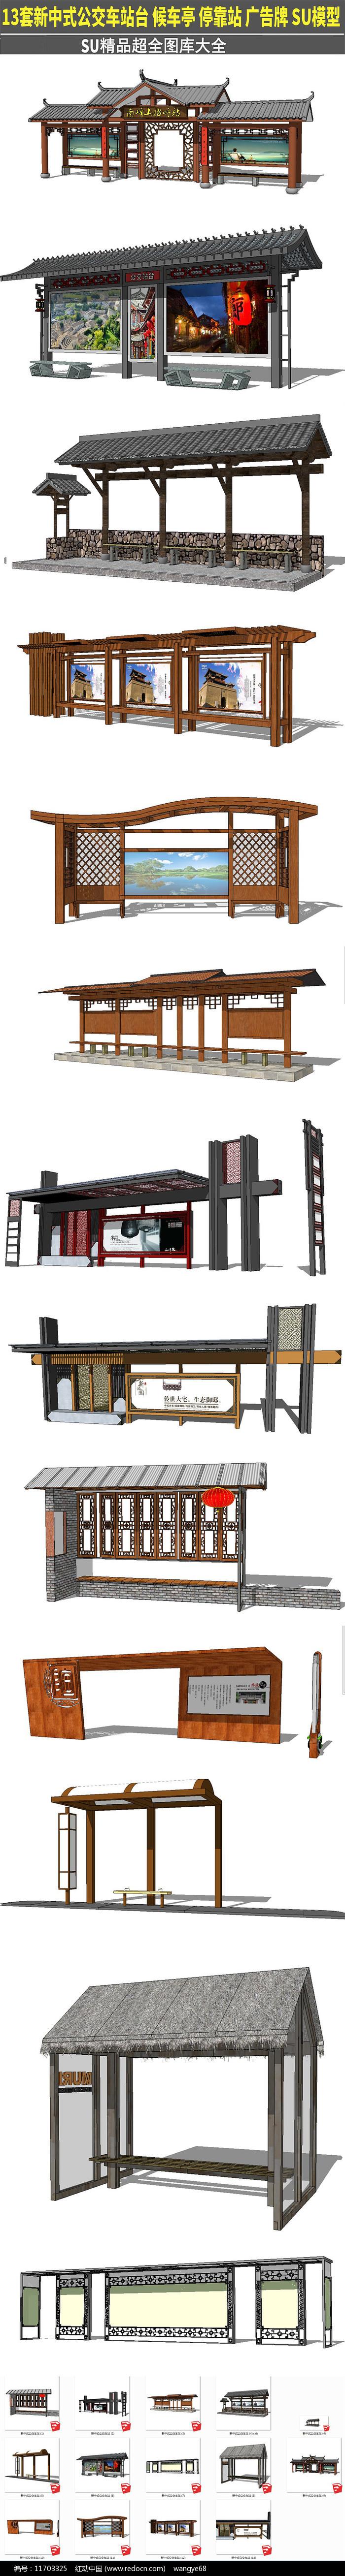 13套新中式公交车站台候车亭停靠站图集图片